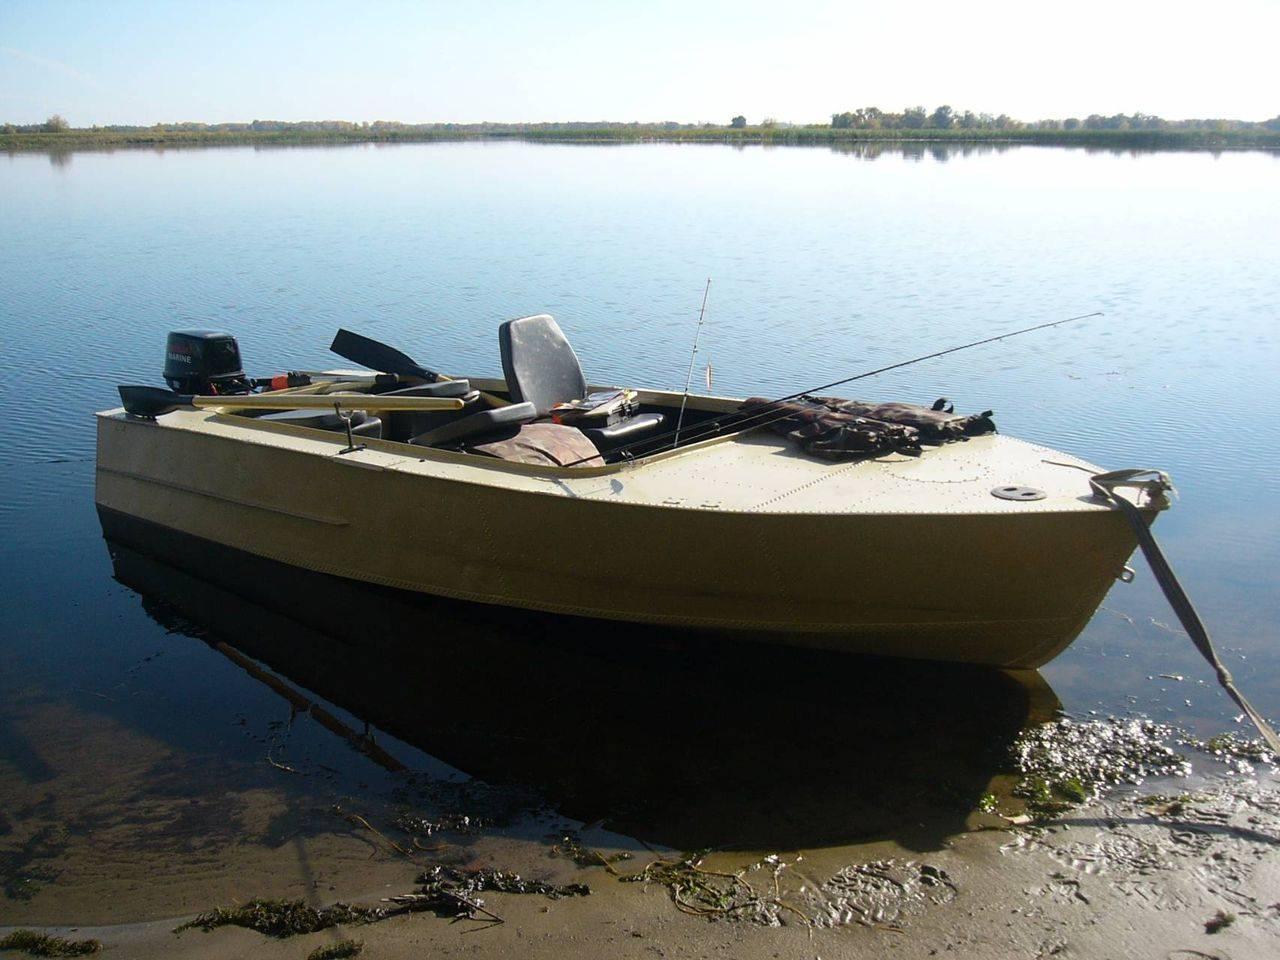 Моторная лодка «ока-4»: технические характеристики, отзывы